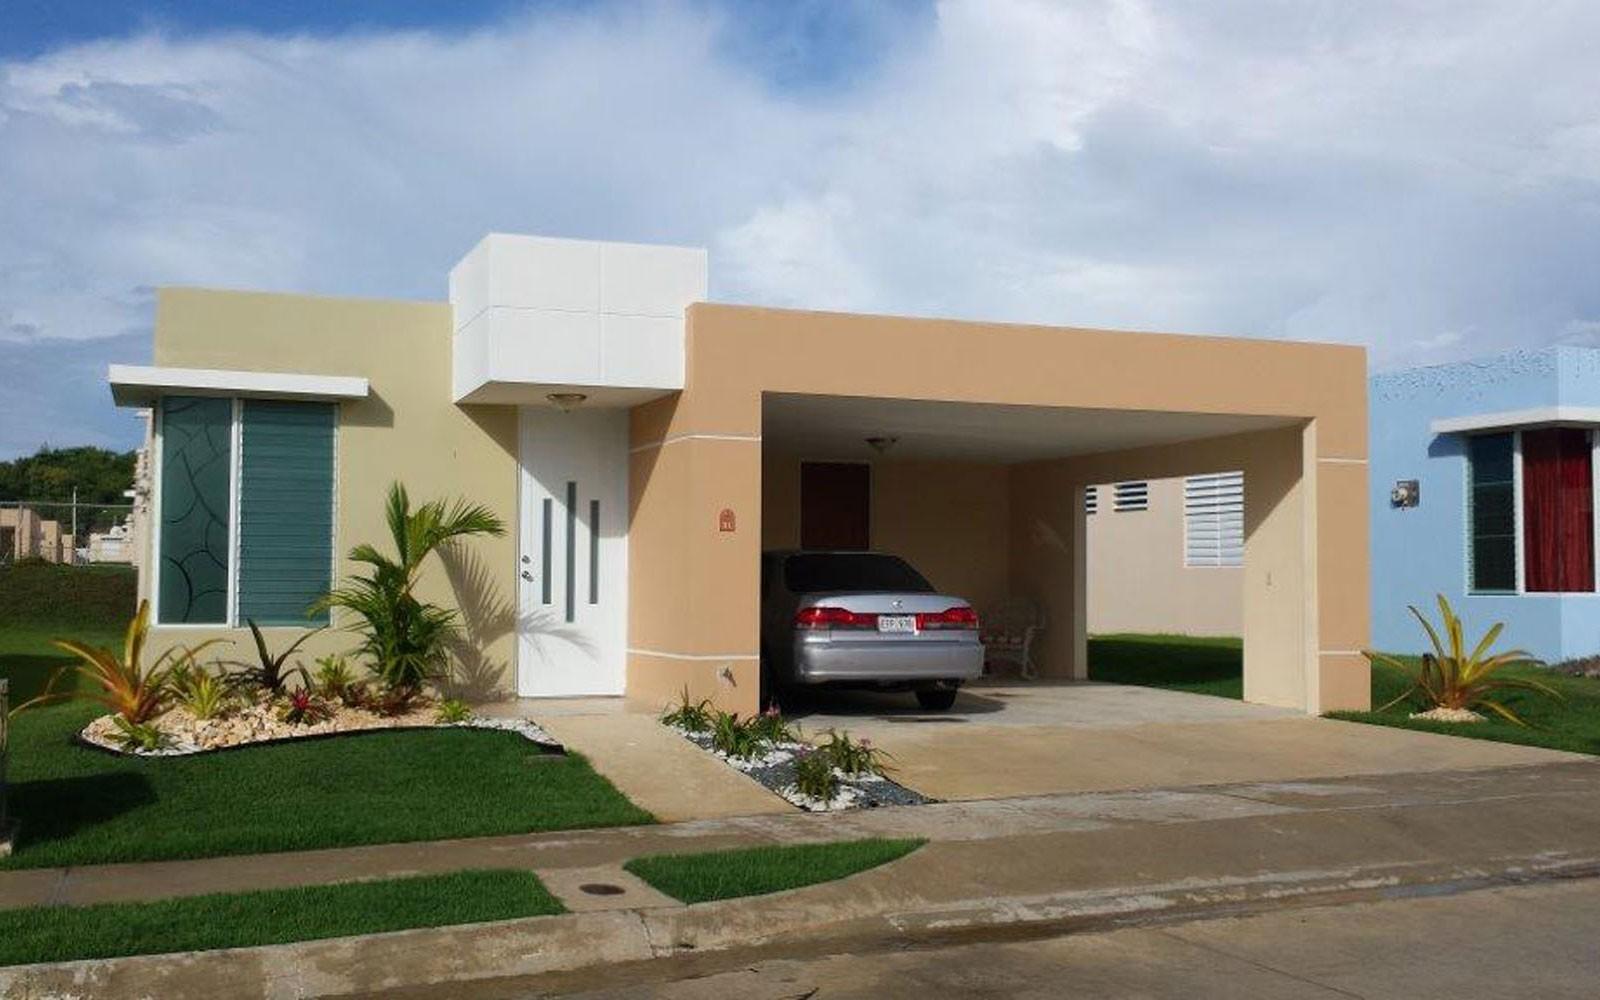 Casa verde rental housing casas rio grande puerto rico for Casas ideas y proyectos